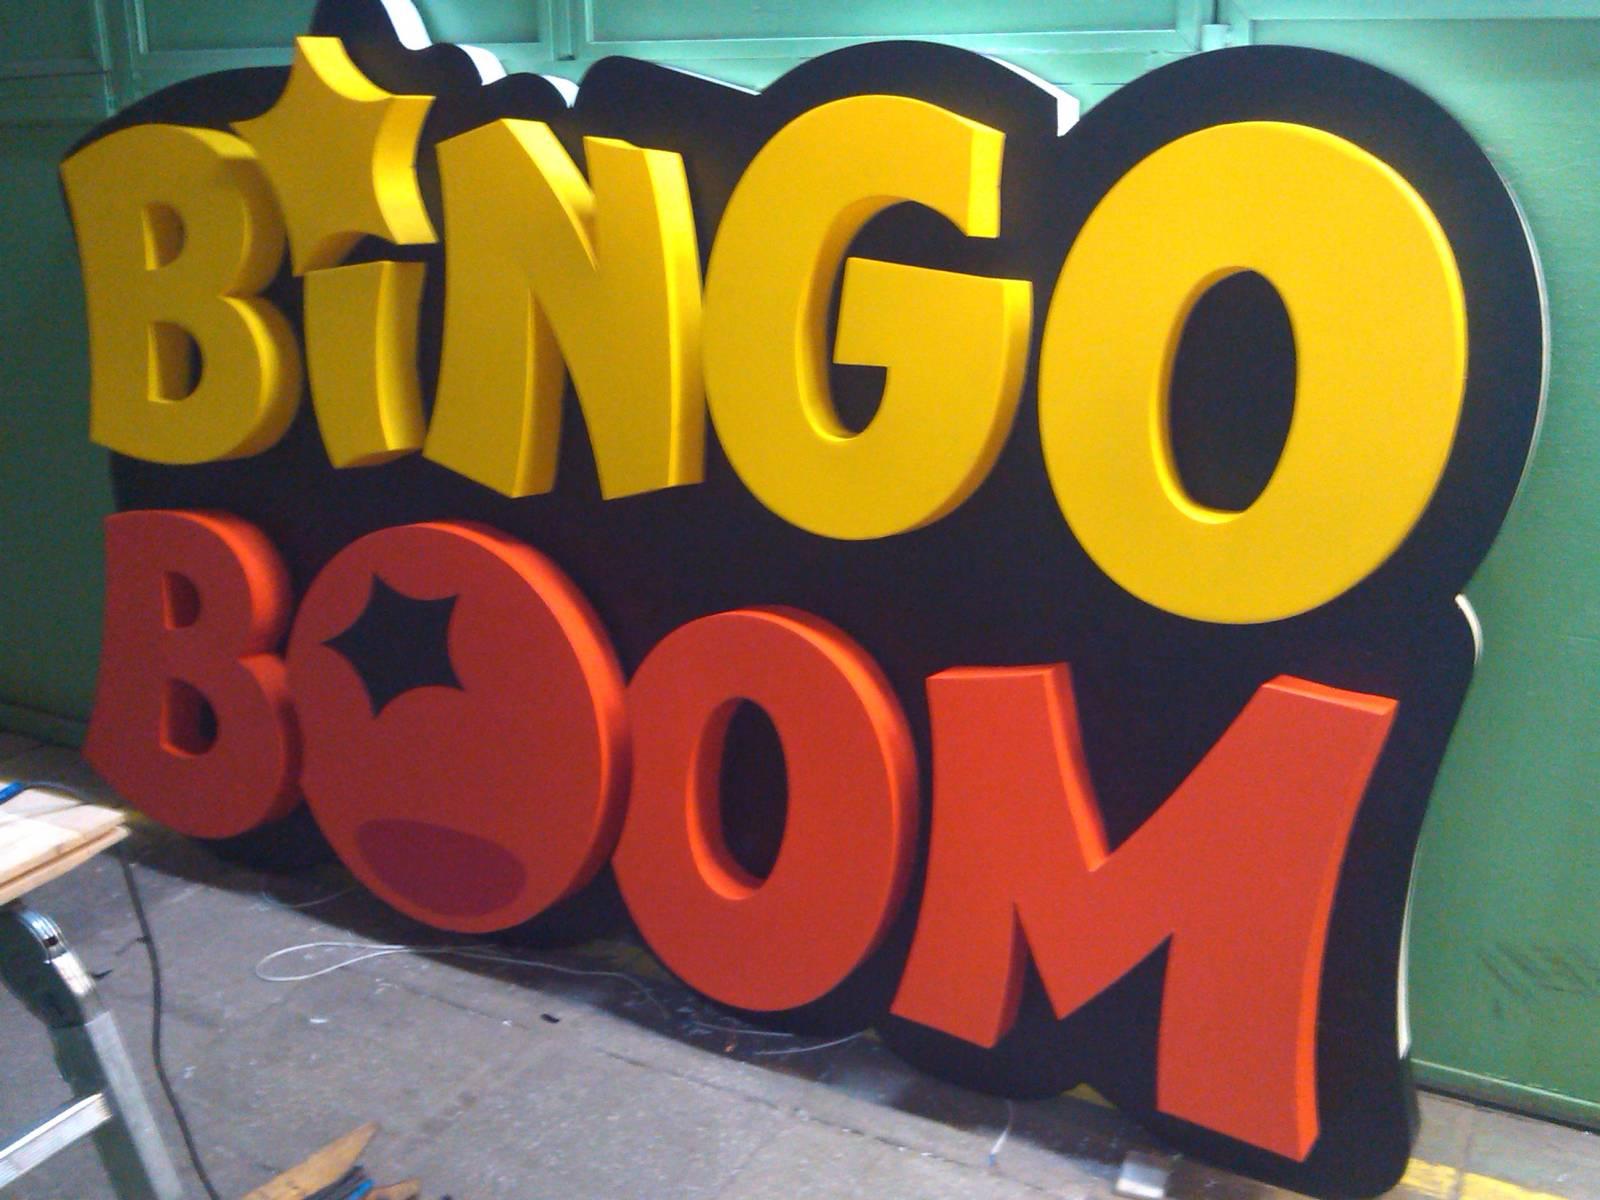 Суд оправдал БК «Бинго-Бум»